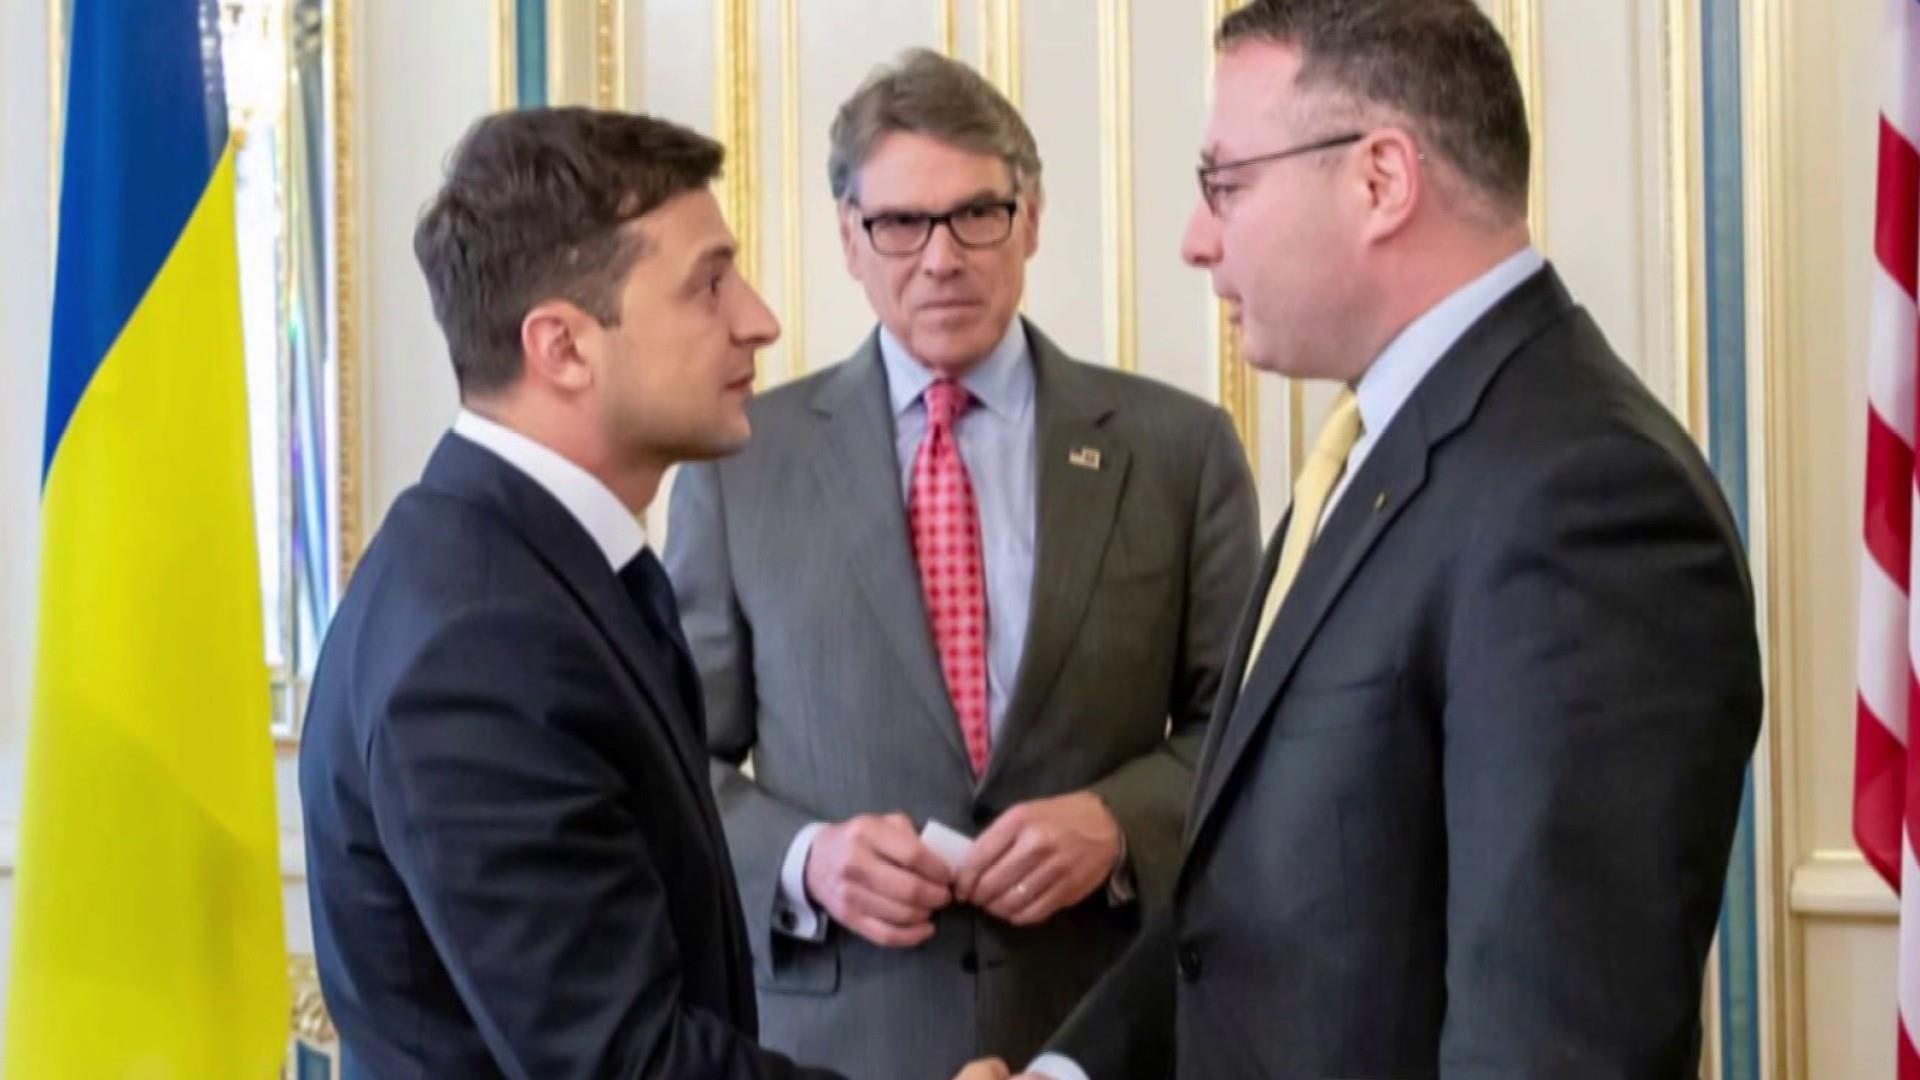 Trump administration models corruption even as it scolds Ukraine